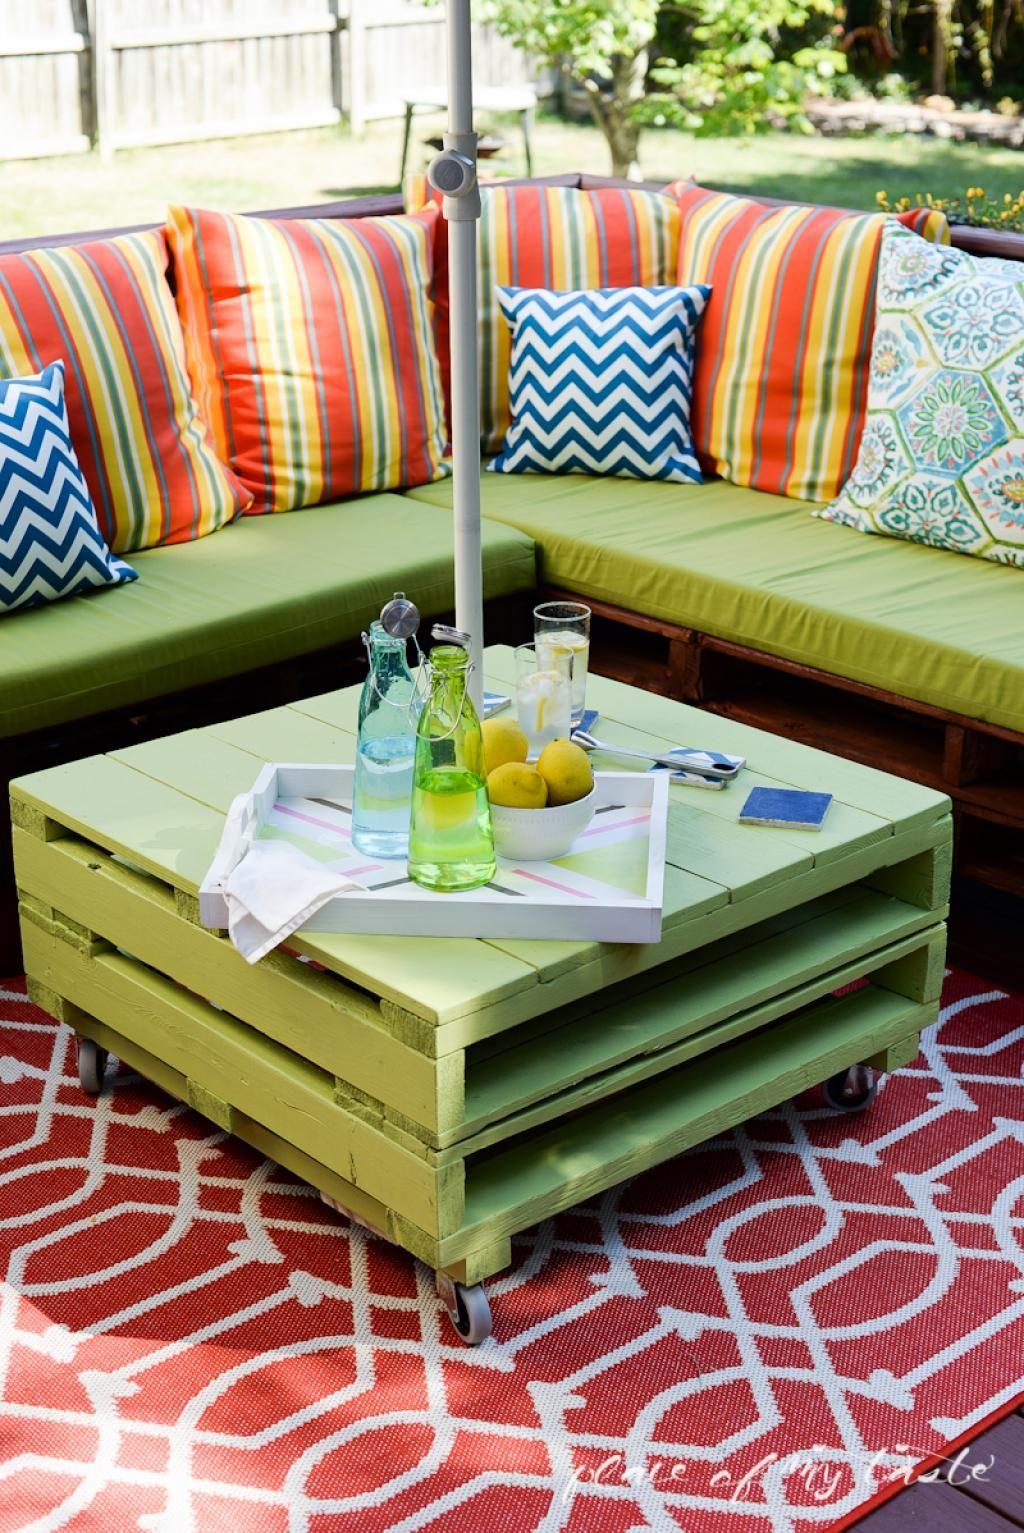 50 der kreativsten Palette Möbel Design-Ideen | Garden table, Patios ...